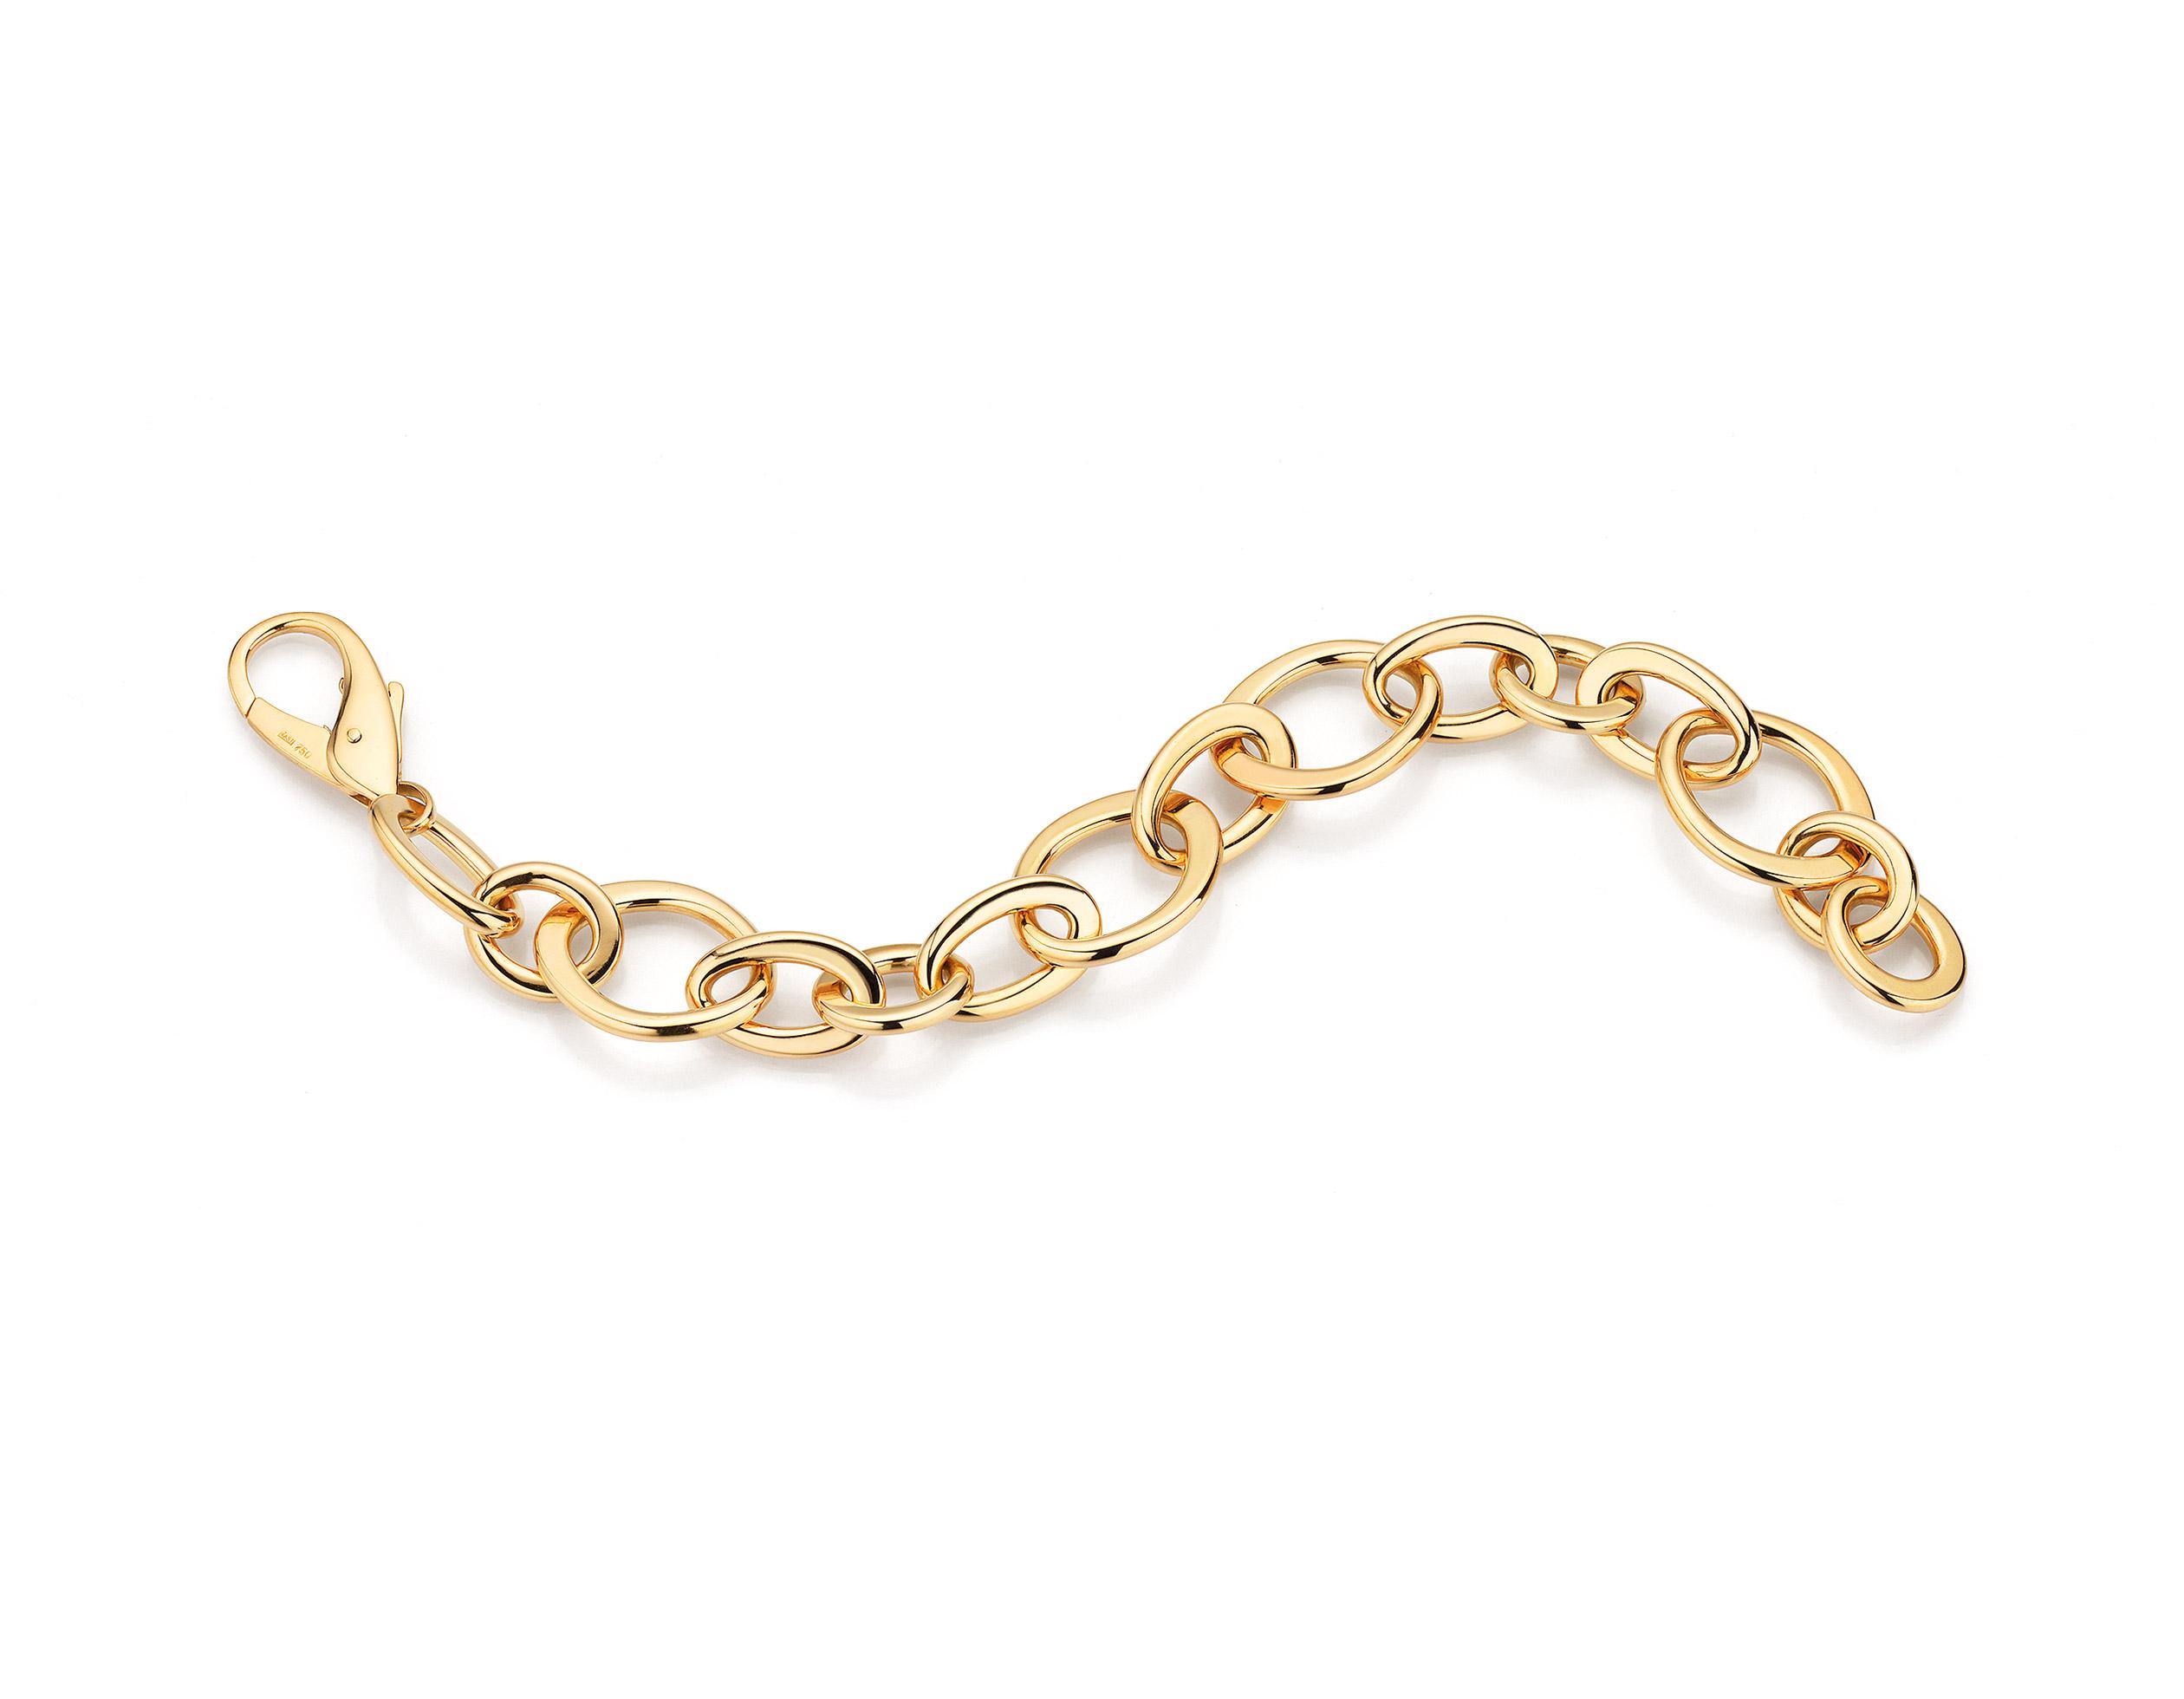 Produktbild Figaro-Anker aus schrägen Gliedern